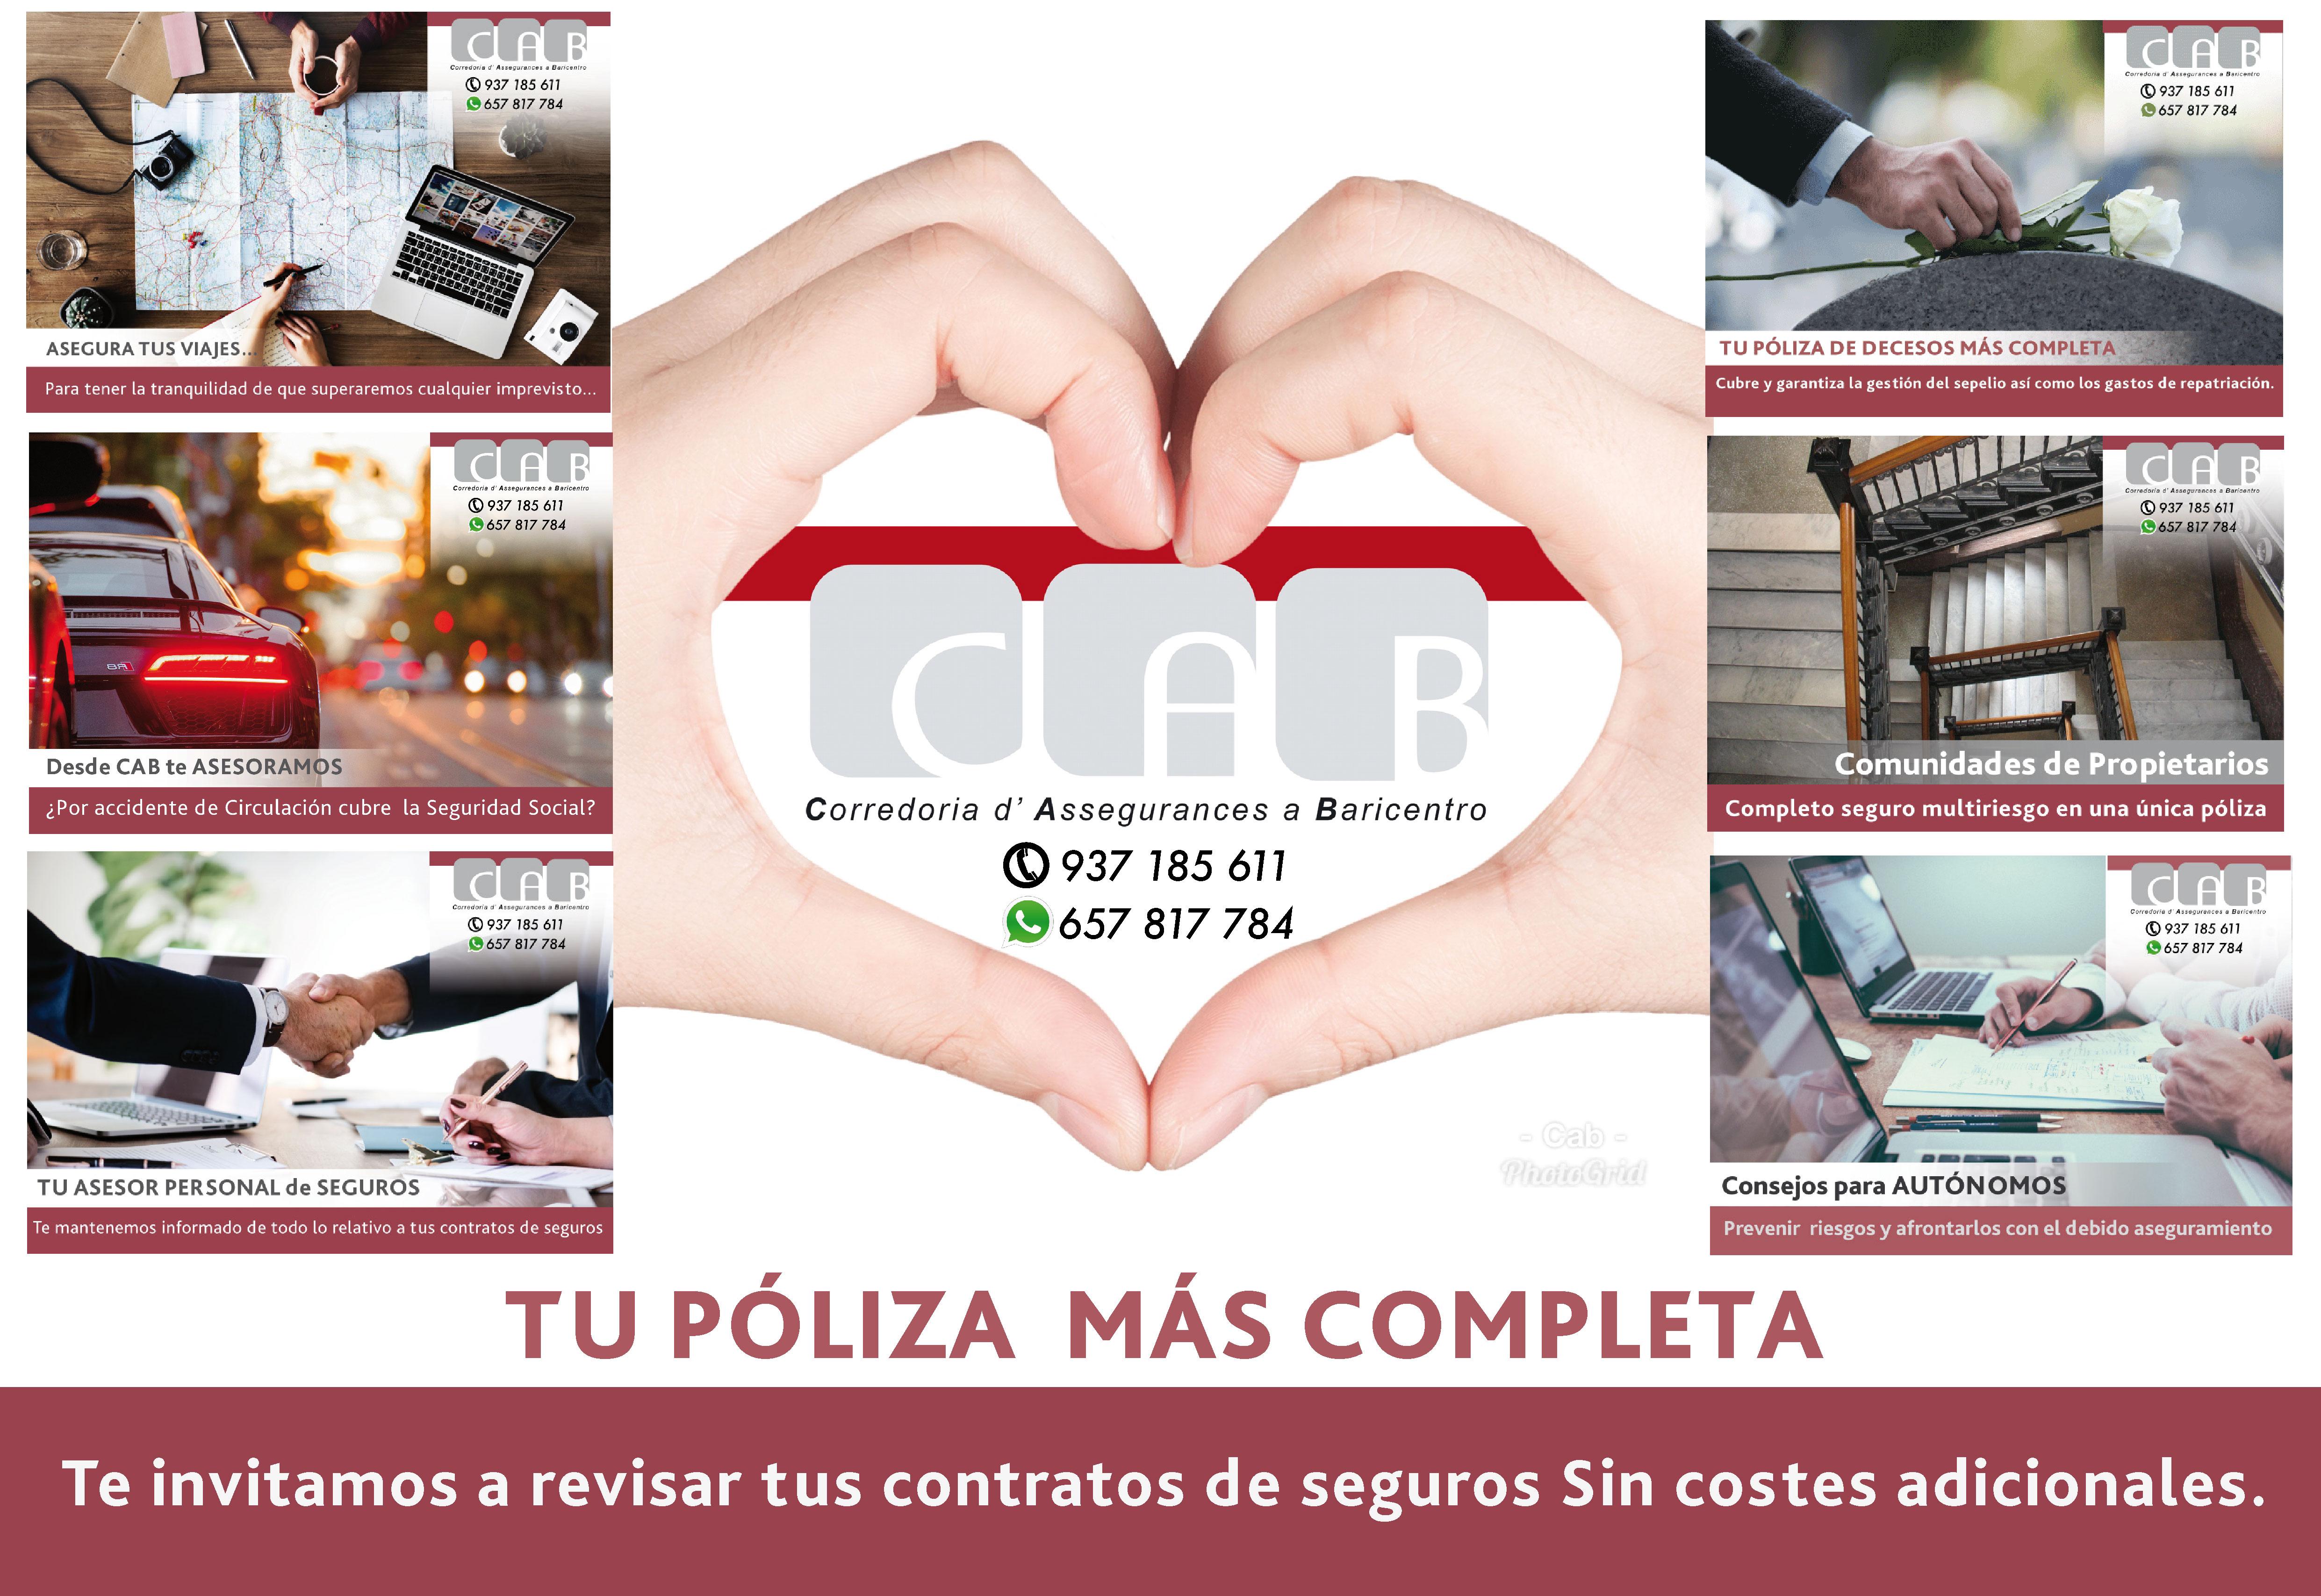 Con CAB tu póliza más completa - CAB Correduría Seguros Baricentro